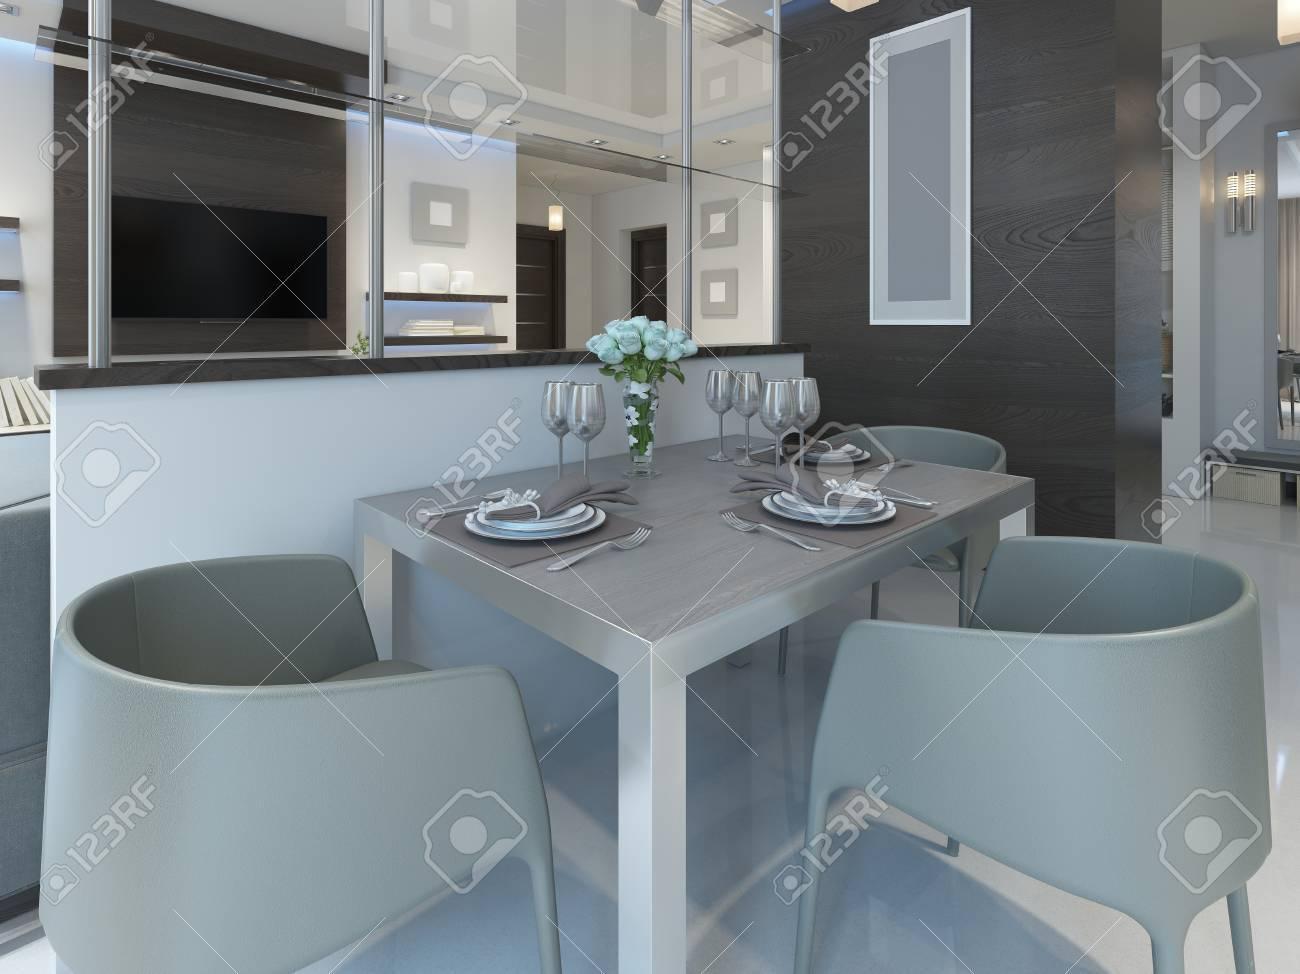 banque dimages dner dans un studio avec une table et des chaises pour trois personnes table manger servi dans un style contemporain rendu 3d